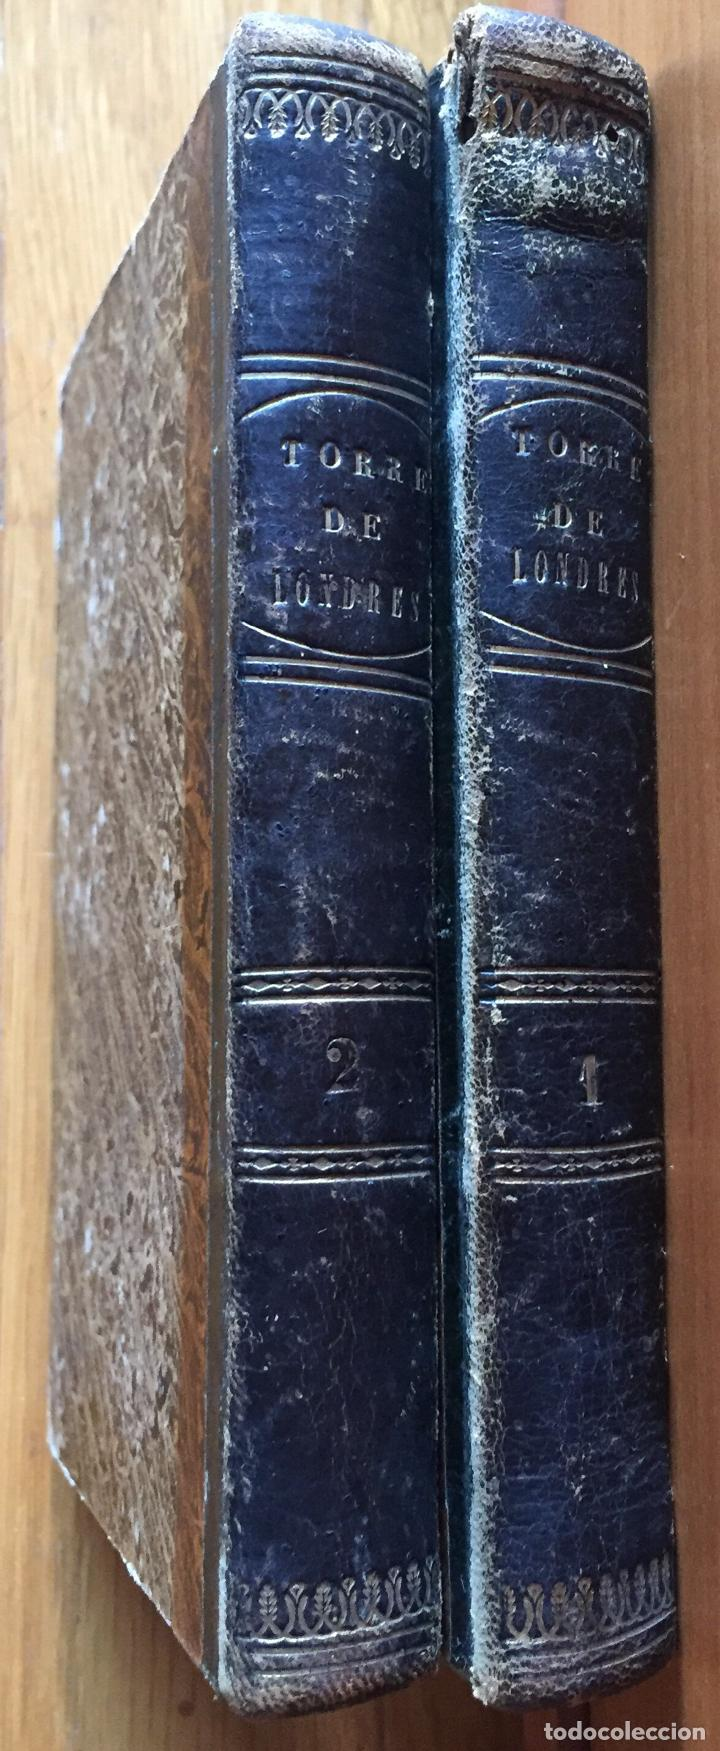 LA TORRE DE LONDRES, W.HARRISON, (Libros antiguos (hasta 1936), raros y curiosos - Literatura - Narrativa - Novela Histórica)